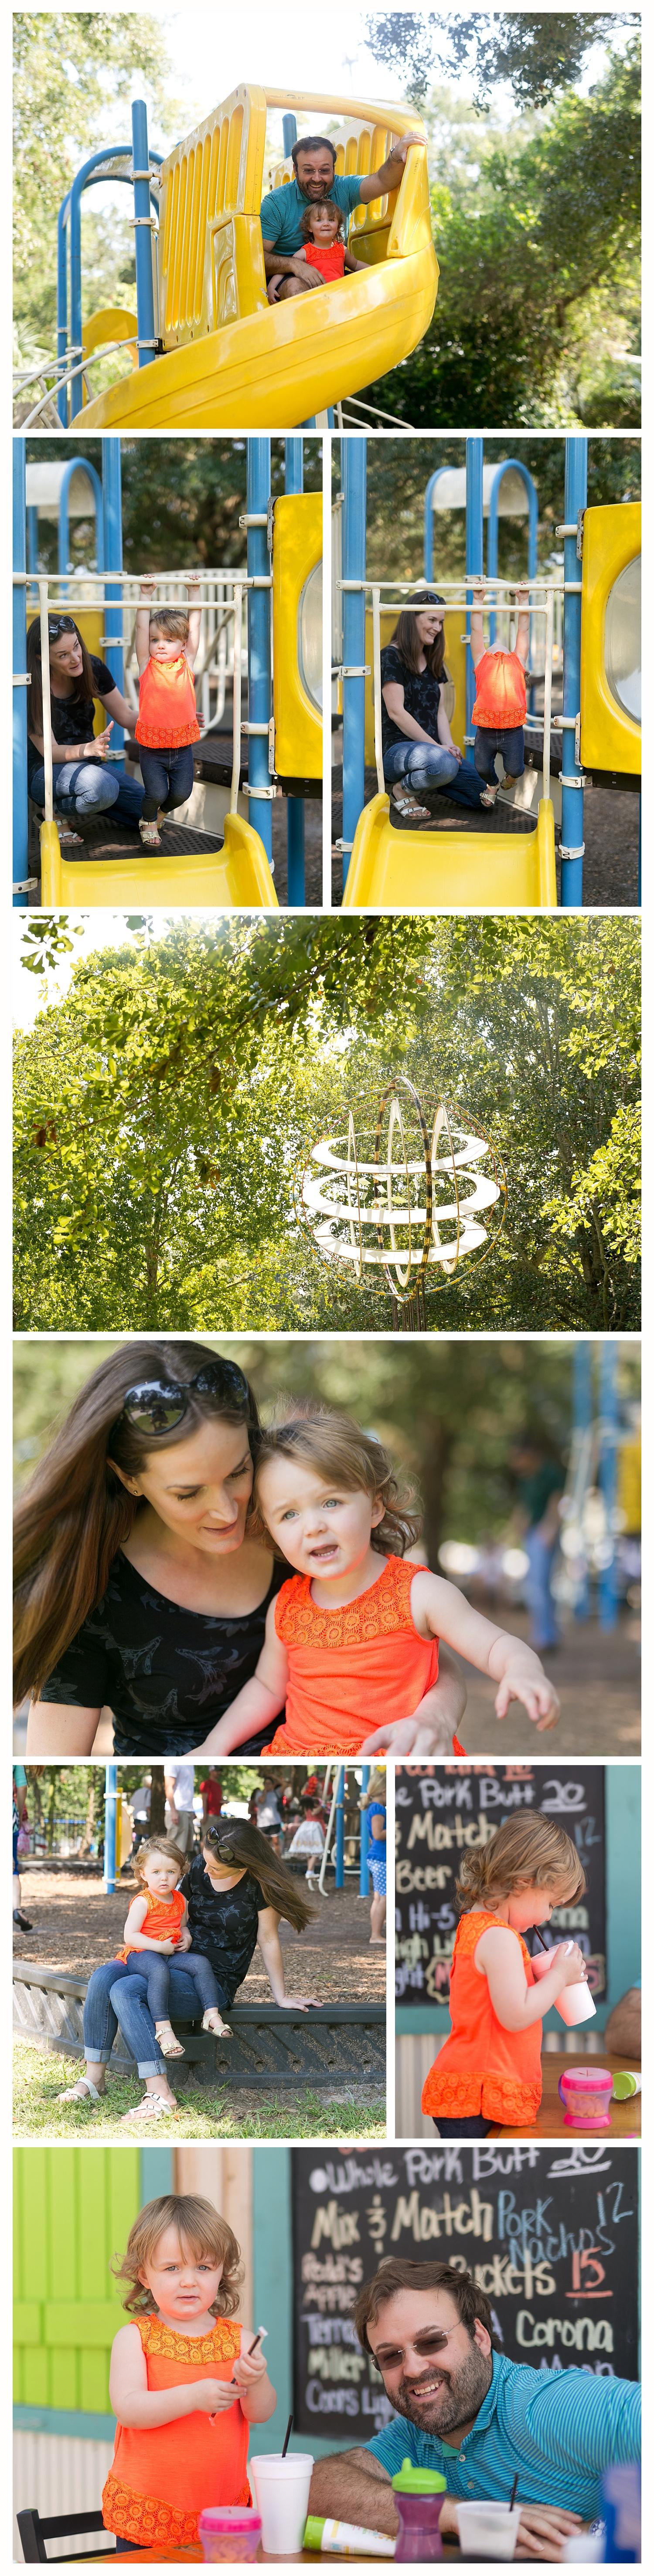 Little Children's Park in Ocean Springs, The Bling Tiger Biloxi restaurant